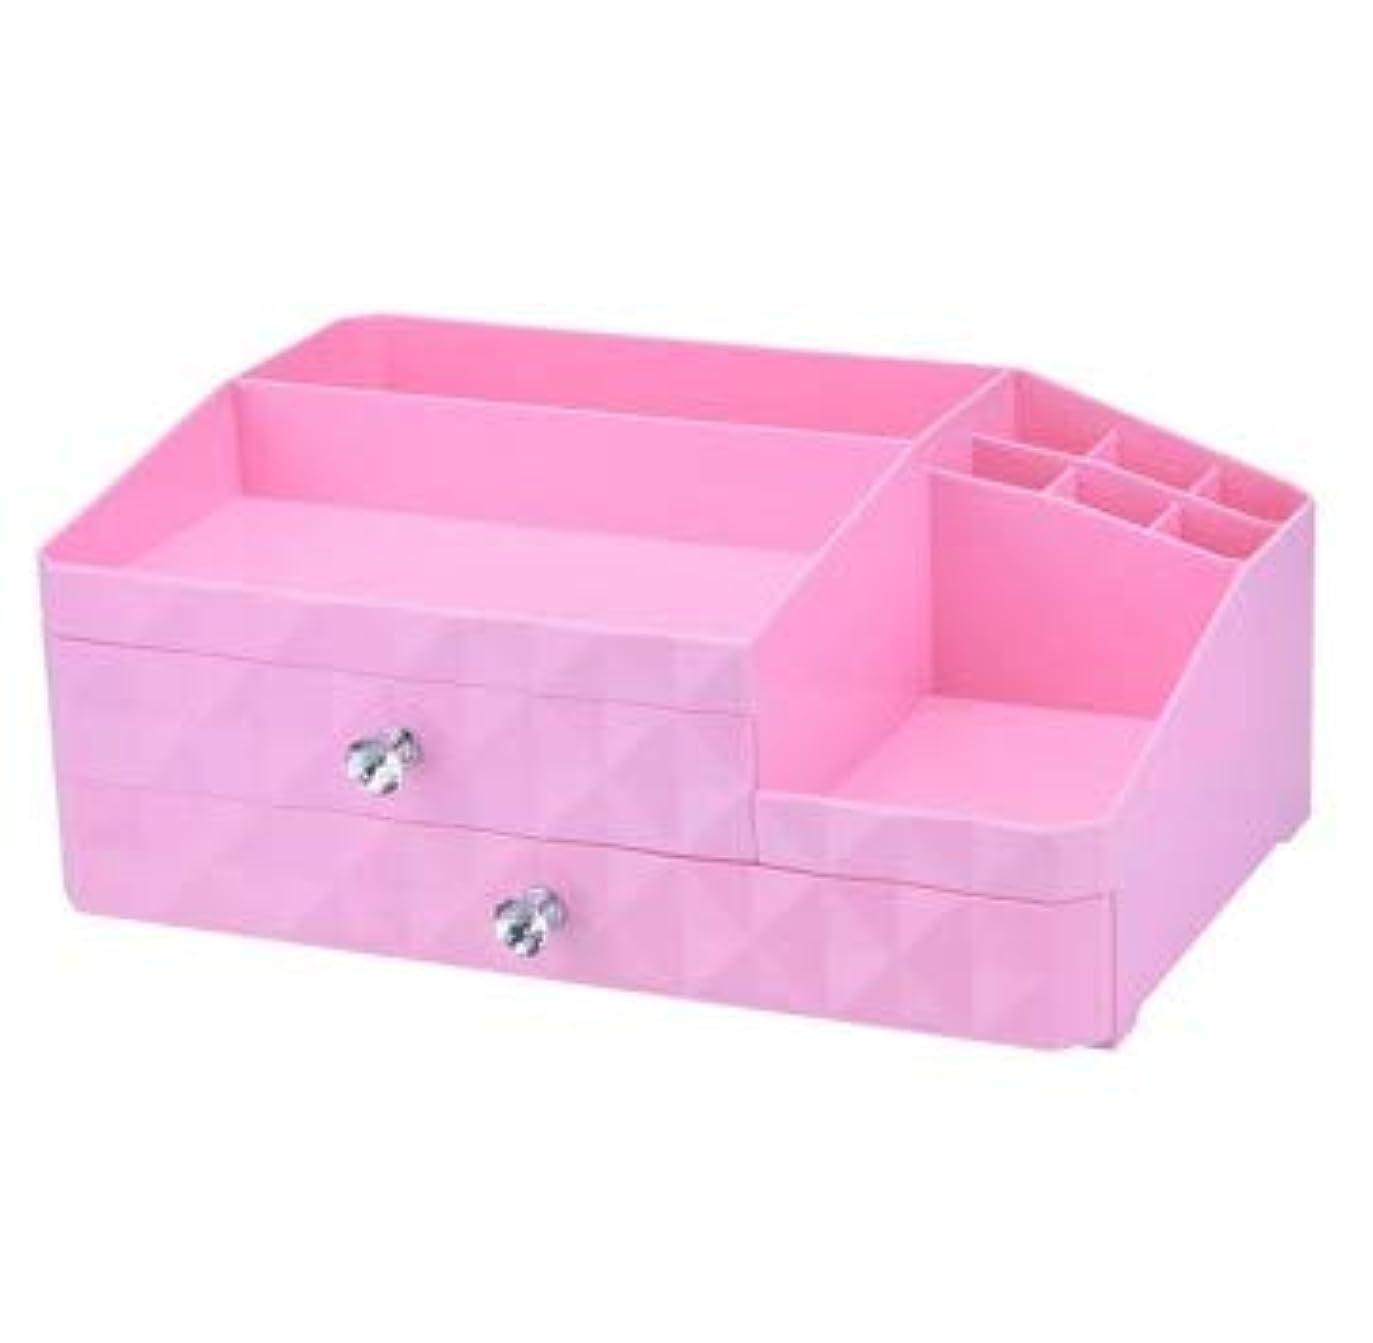 抽象幸運達成するデスクトップジュエリーボックス引き出し化粧品収納ボックス三層プラスチック仕上げボックス (Color : ピンク)